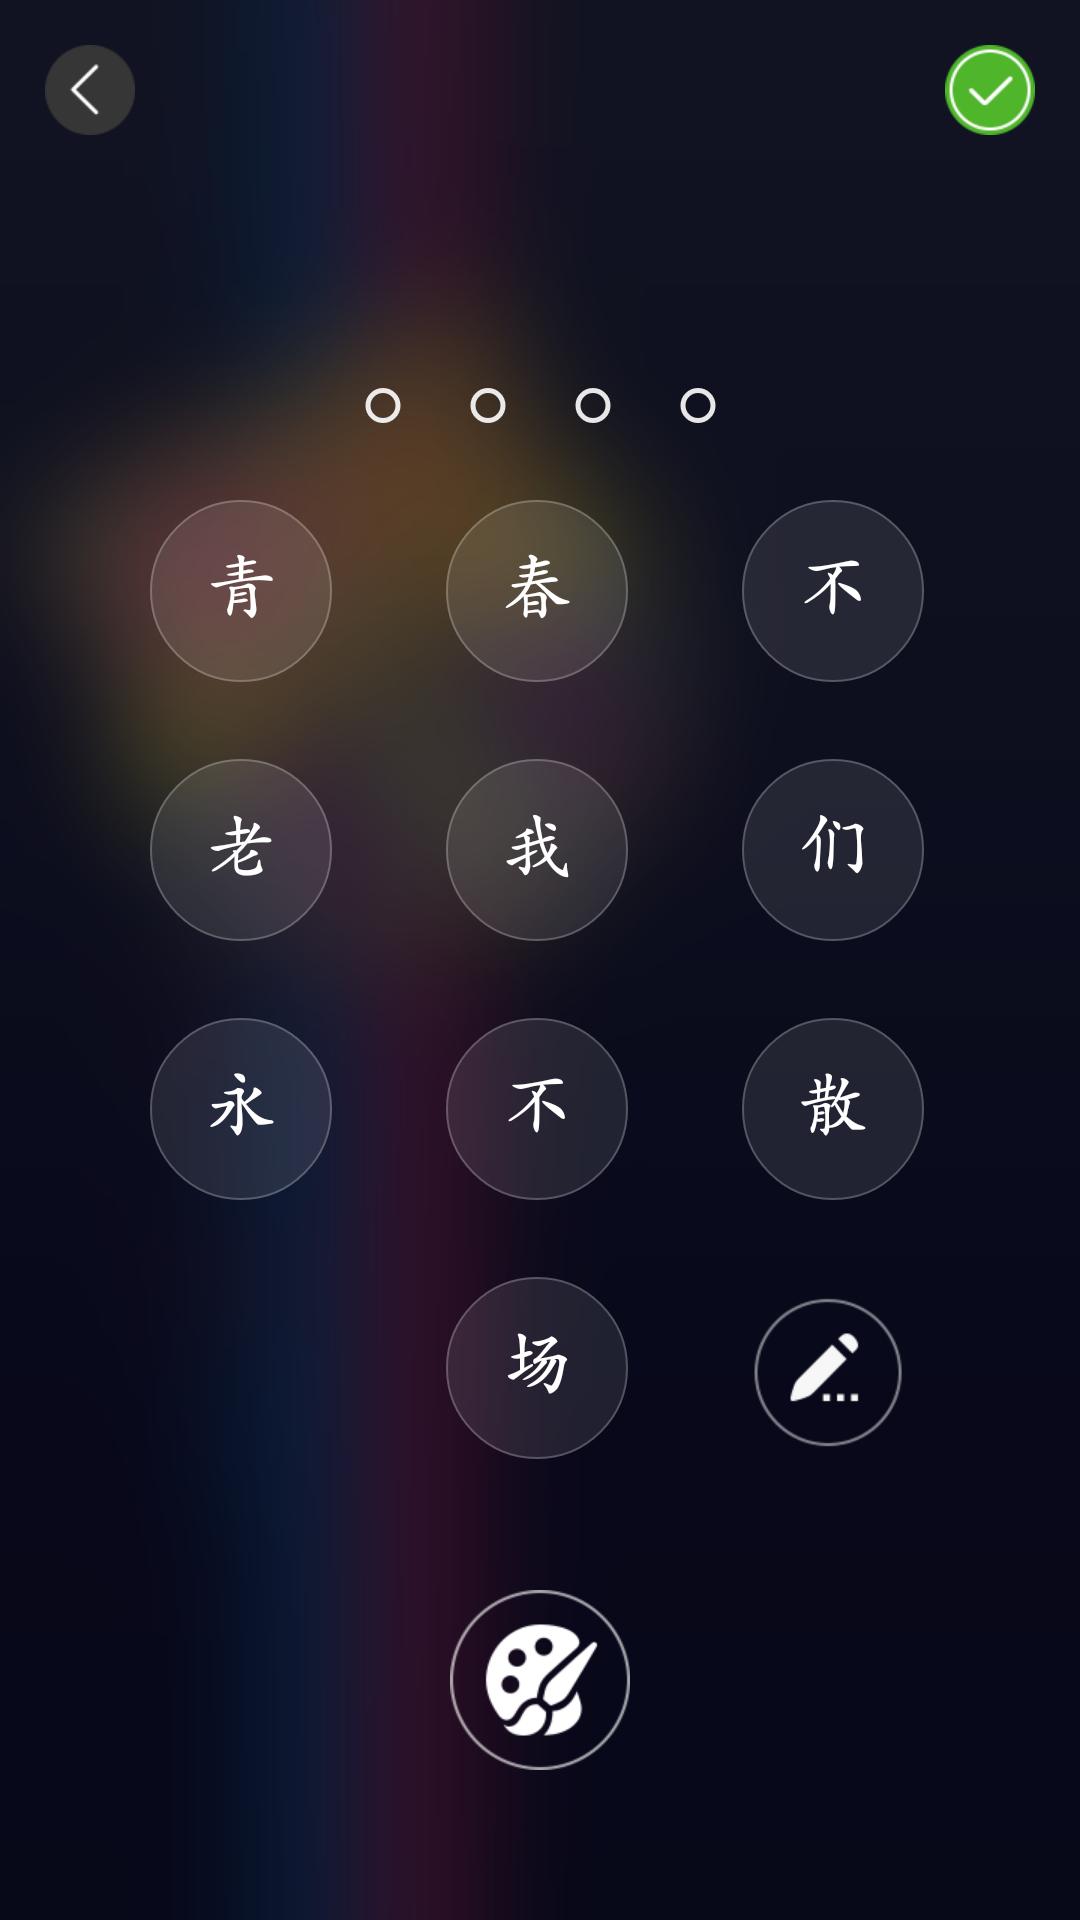 文字密码锁屏-应用截图